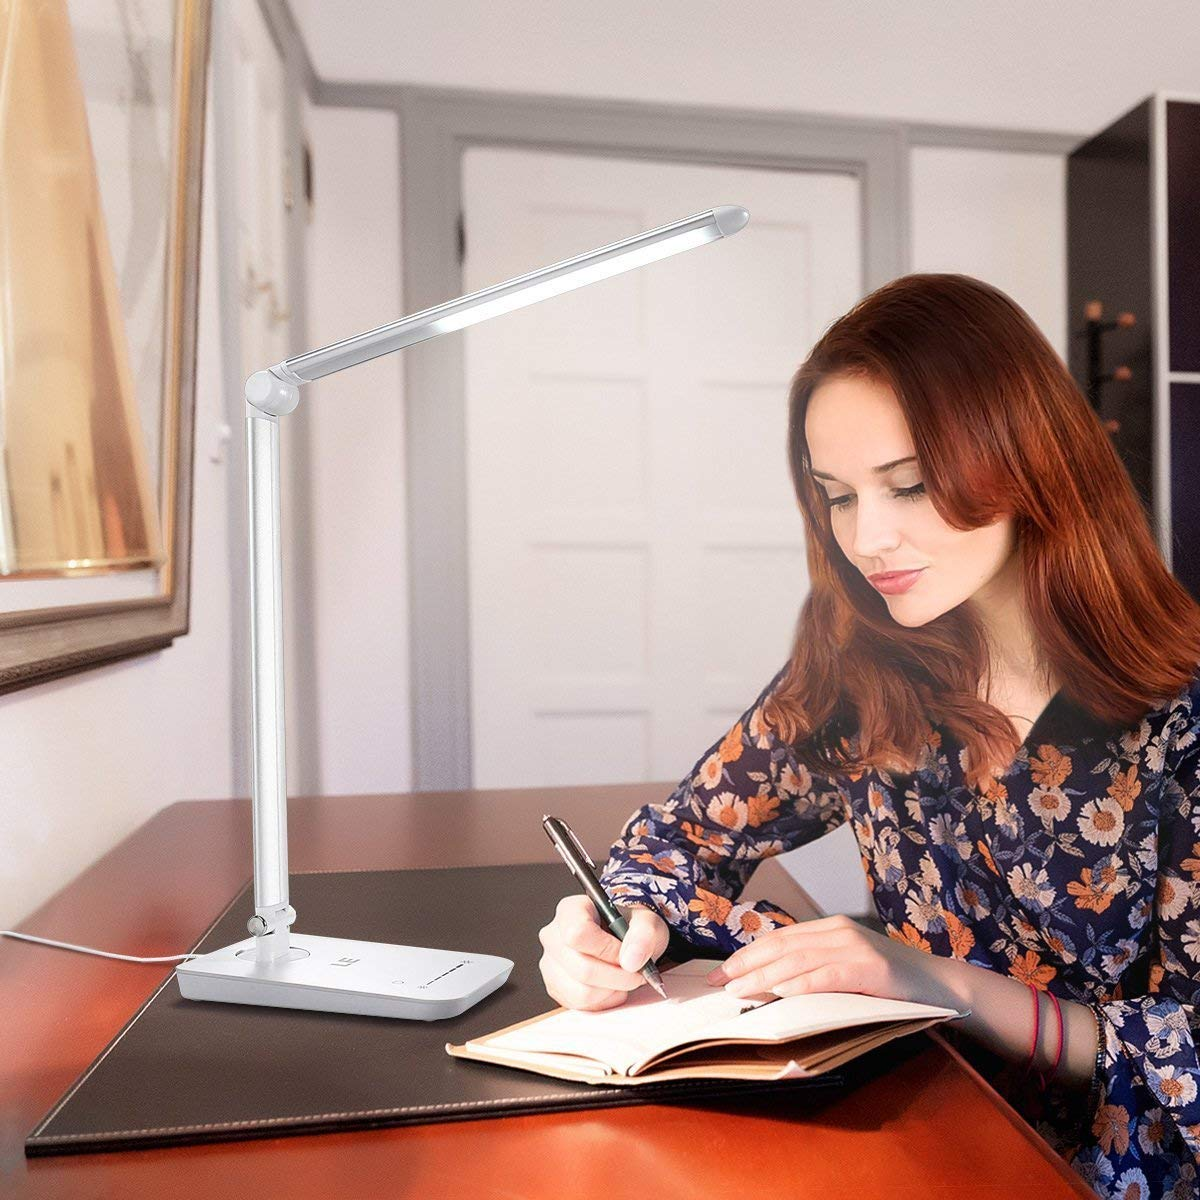 LE Lámpara Cuidado de escritorio LED 8W, 7 Niveles de brillo, Cuidado Lámpara a la vista, Blanco frío 5000K, Lámpara LED para Trabajo y lectura b97862